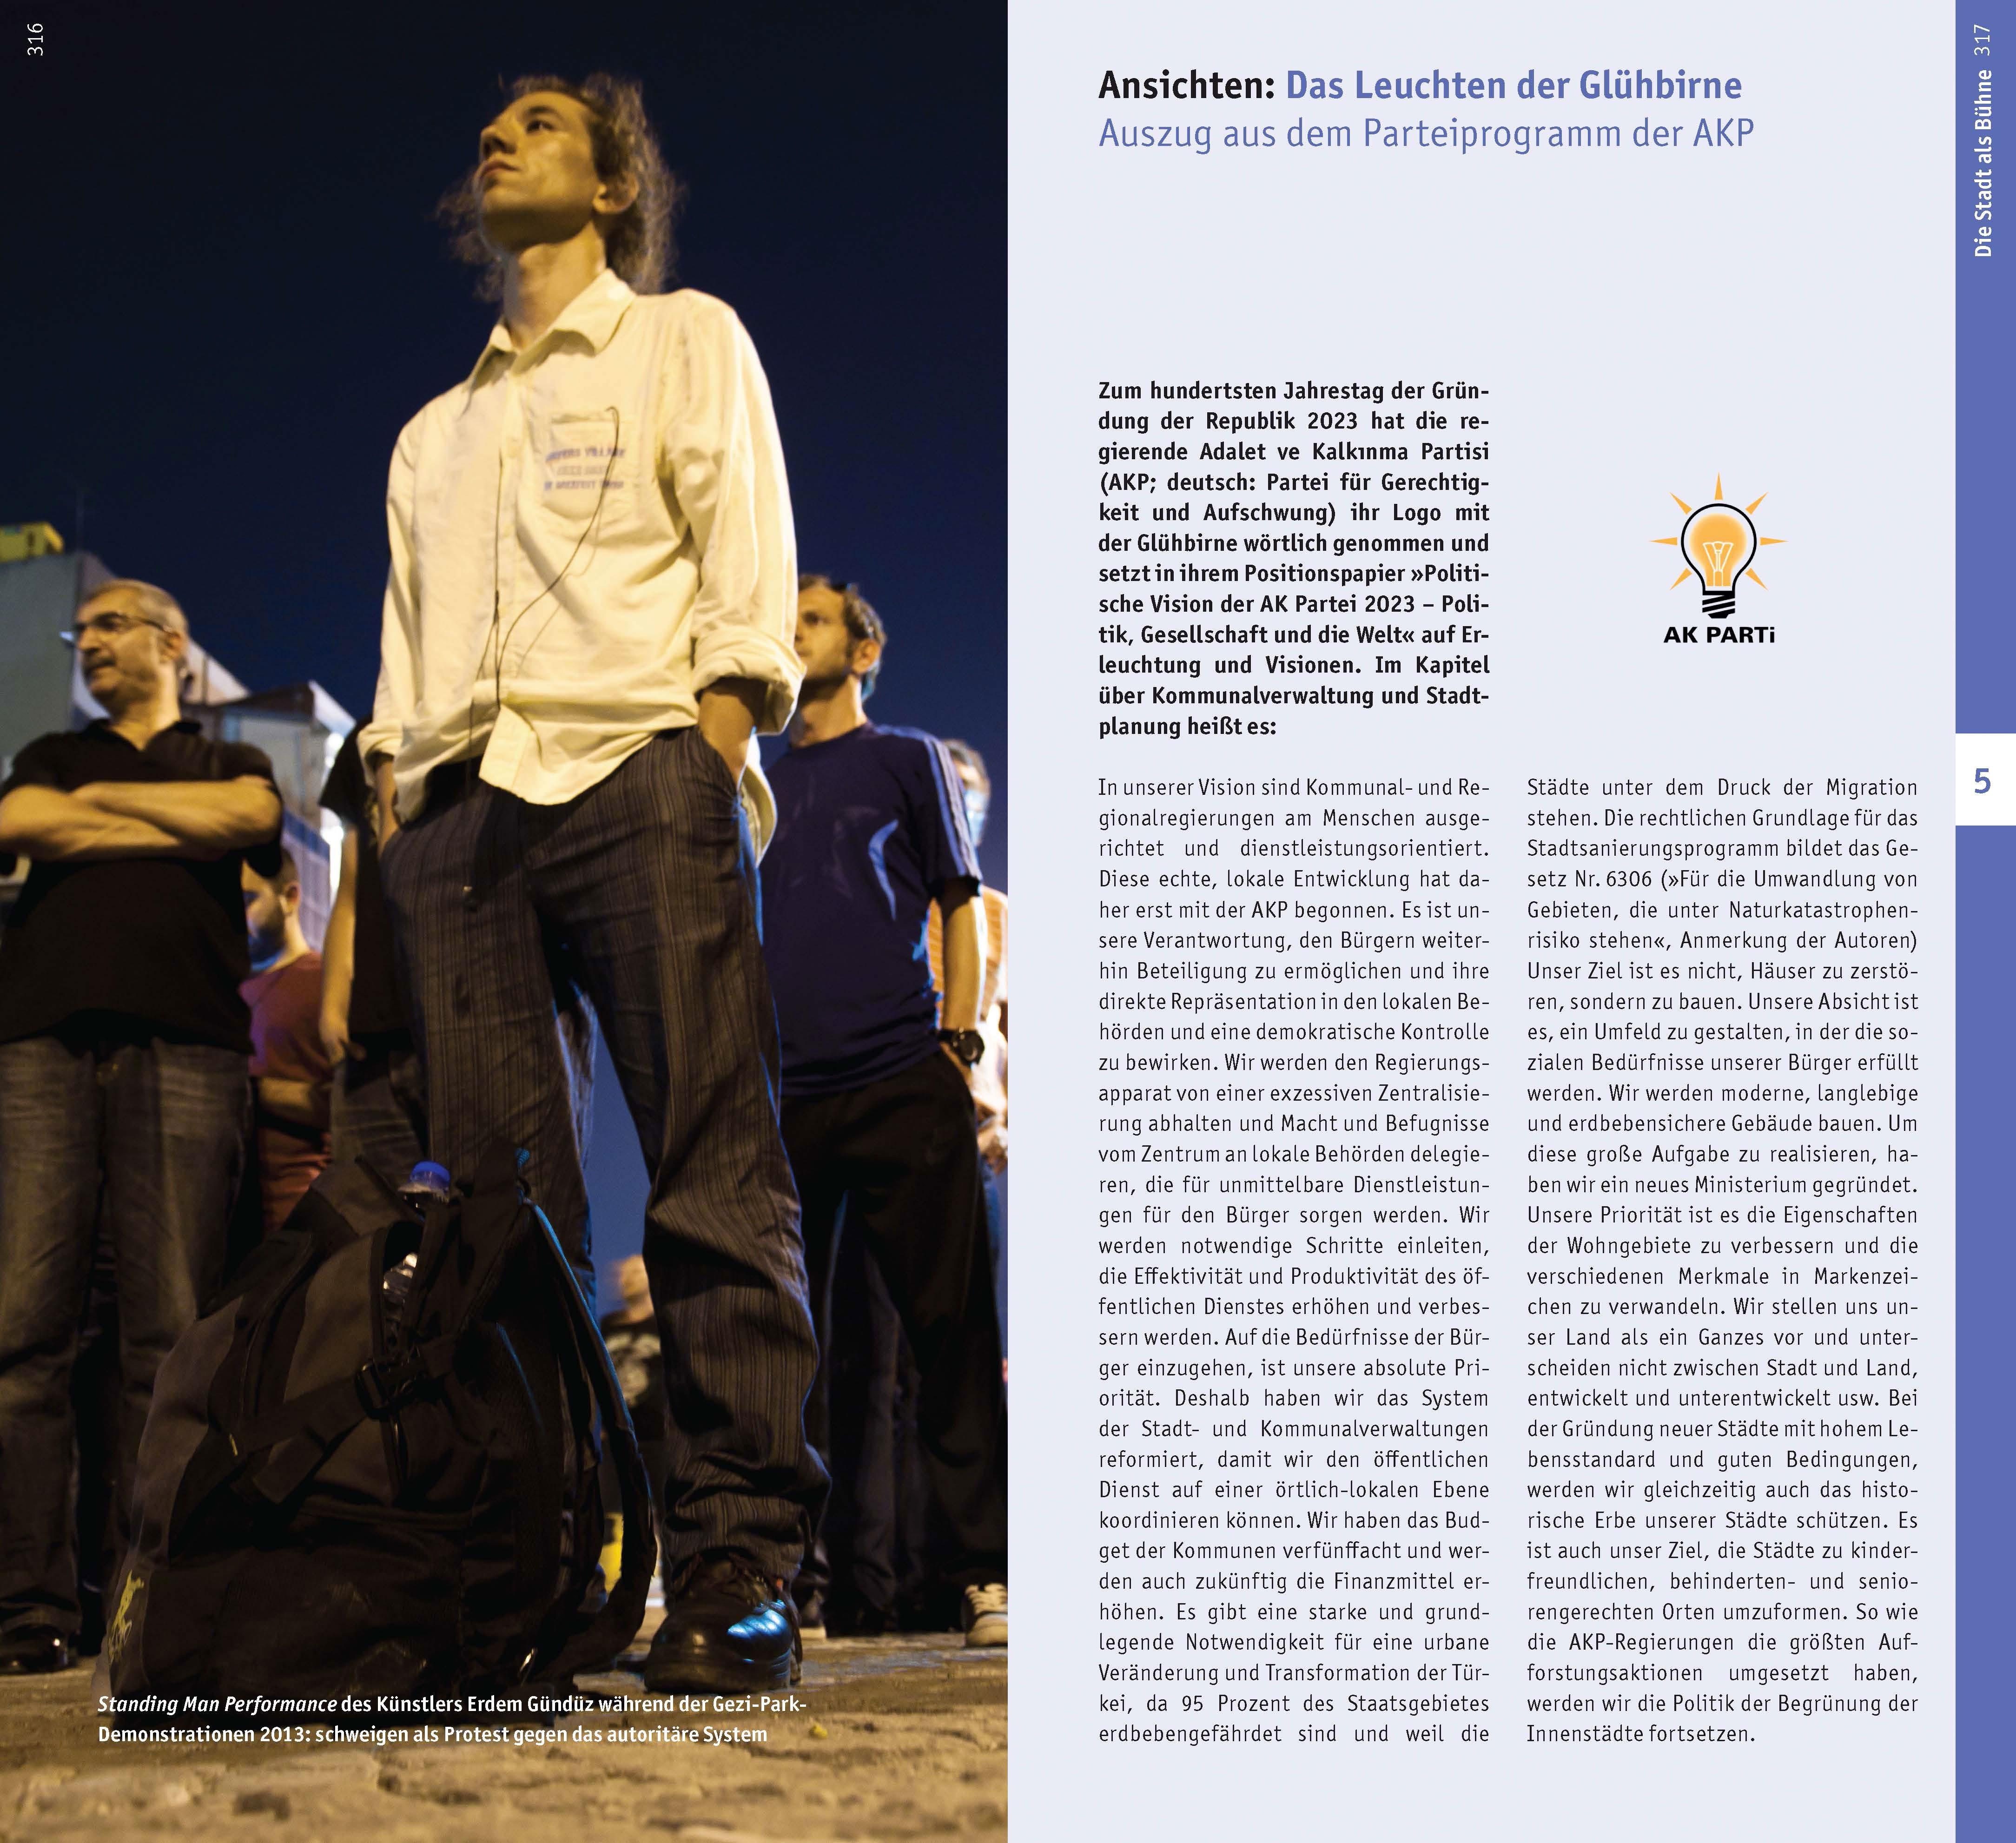 Der Monolit. Standing Man Performance von und mit Erdem Gündüz.